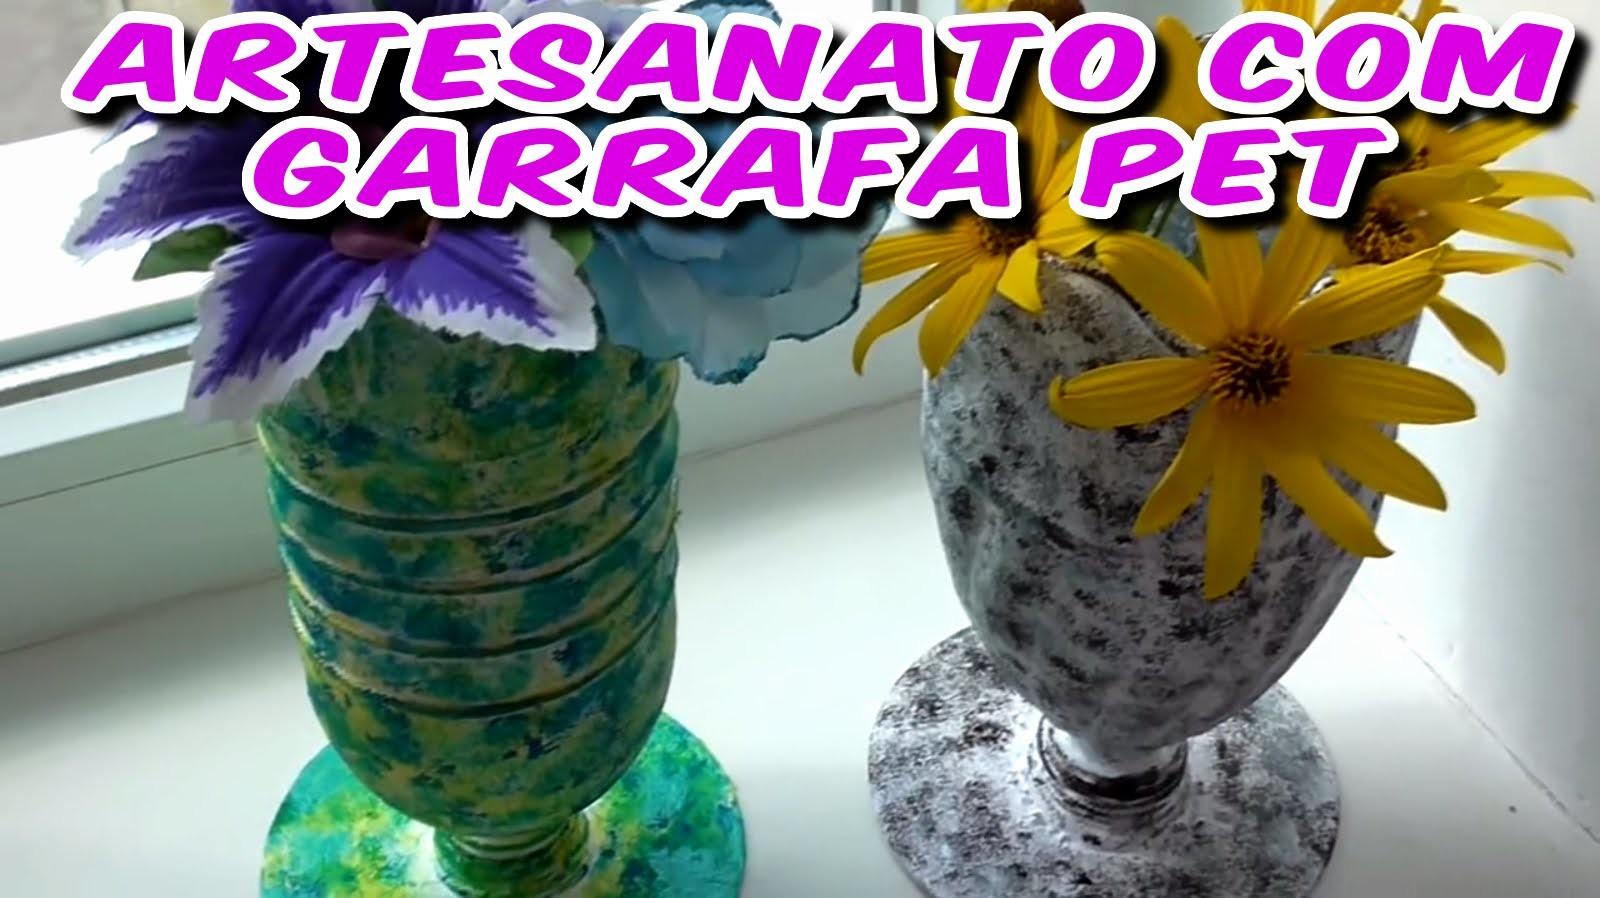 Artesanato com Garrafa Pet - Aprenda a Fazer estes Vasos com Material Reciclado